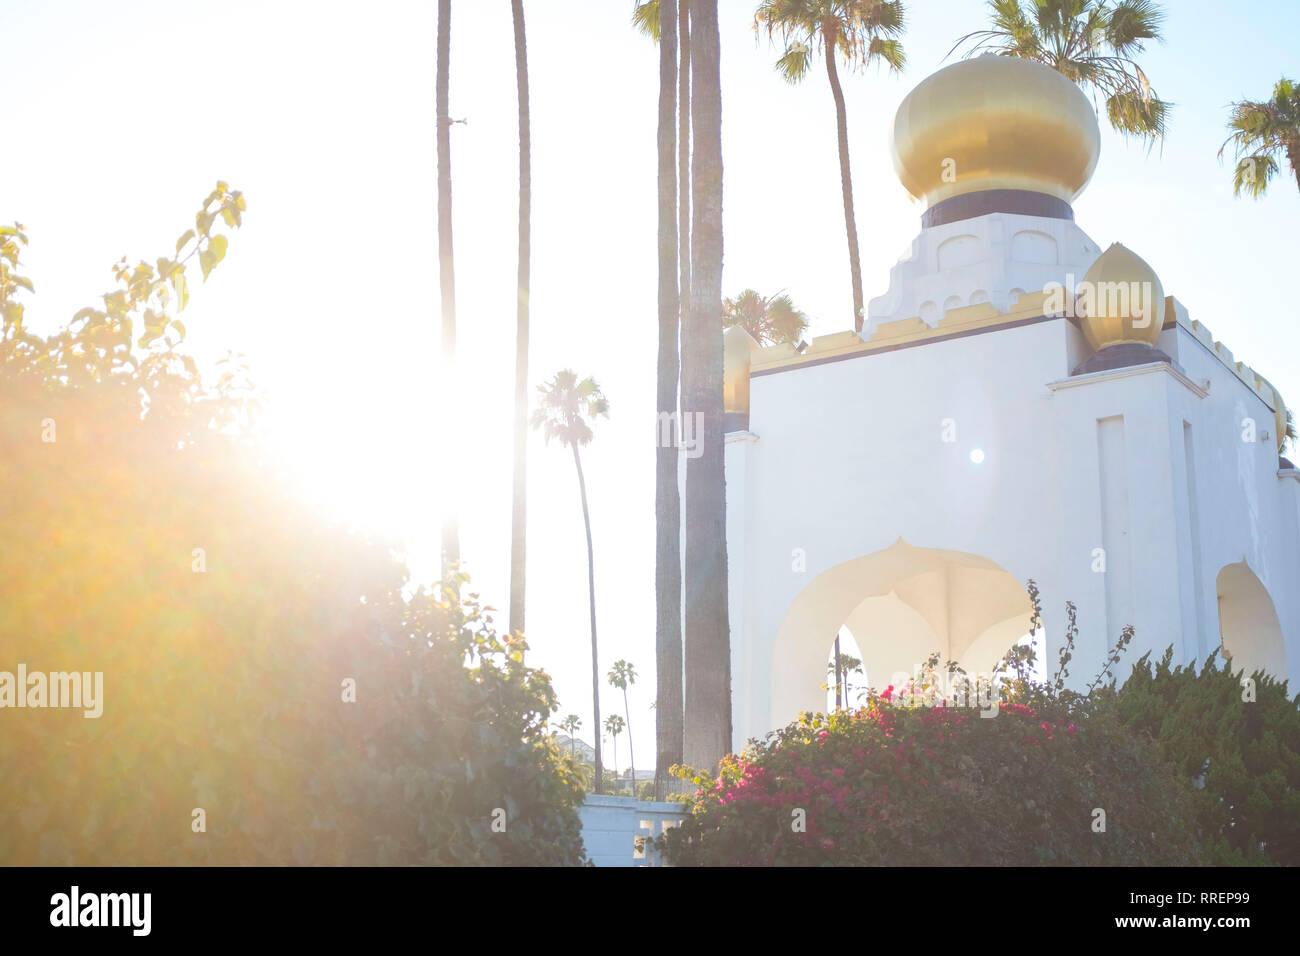 La Autorealizacion edificio becas en Encinitas California Imagen De Stock